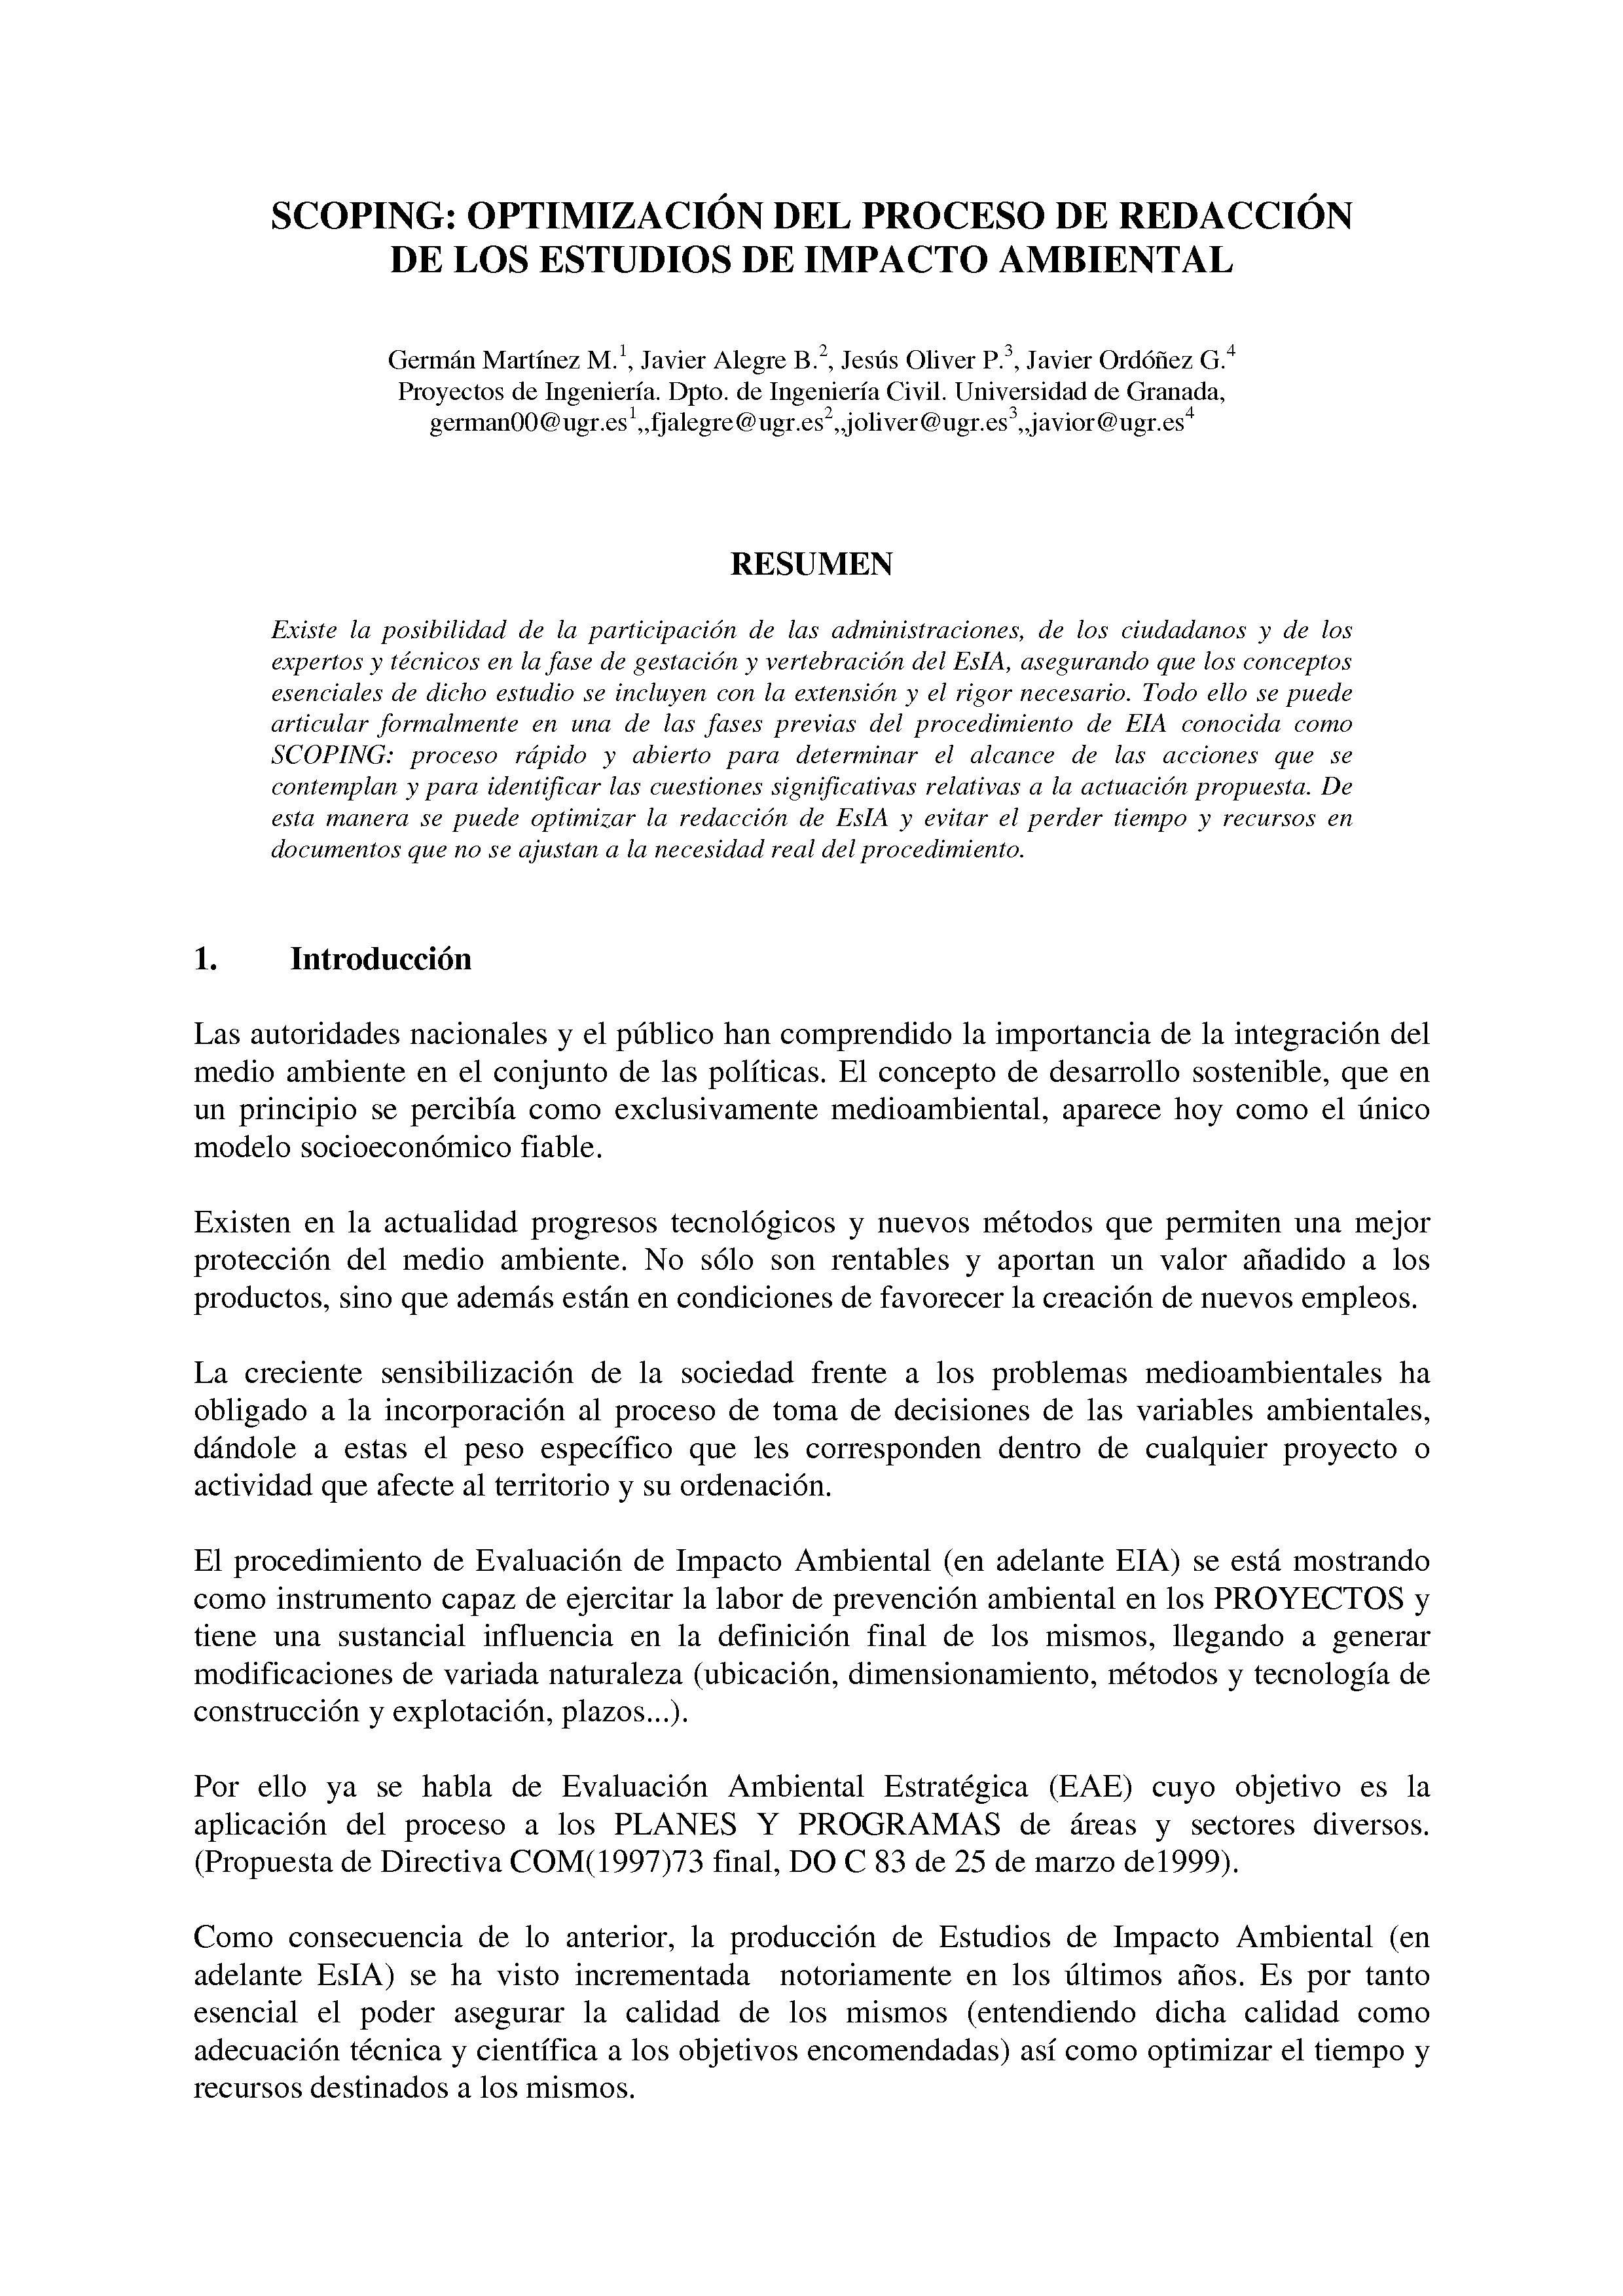 SCOPING: OPTIMIZACIÓN DEL PROCESO DE REDACCIÓN DE LOS ESTUDIOS DE IMPACTO AMBIENTAL